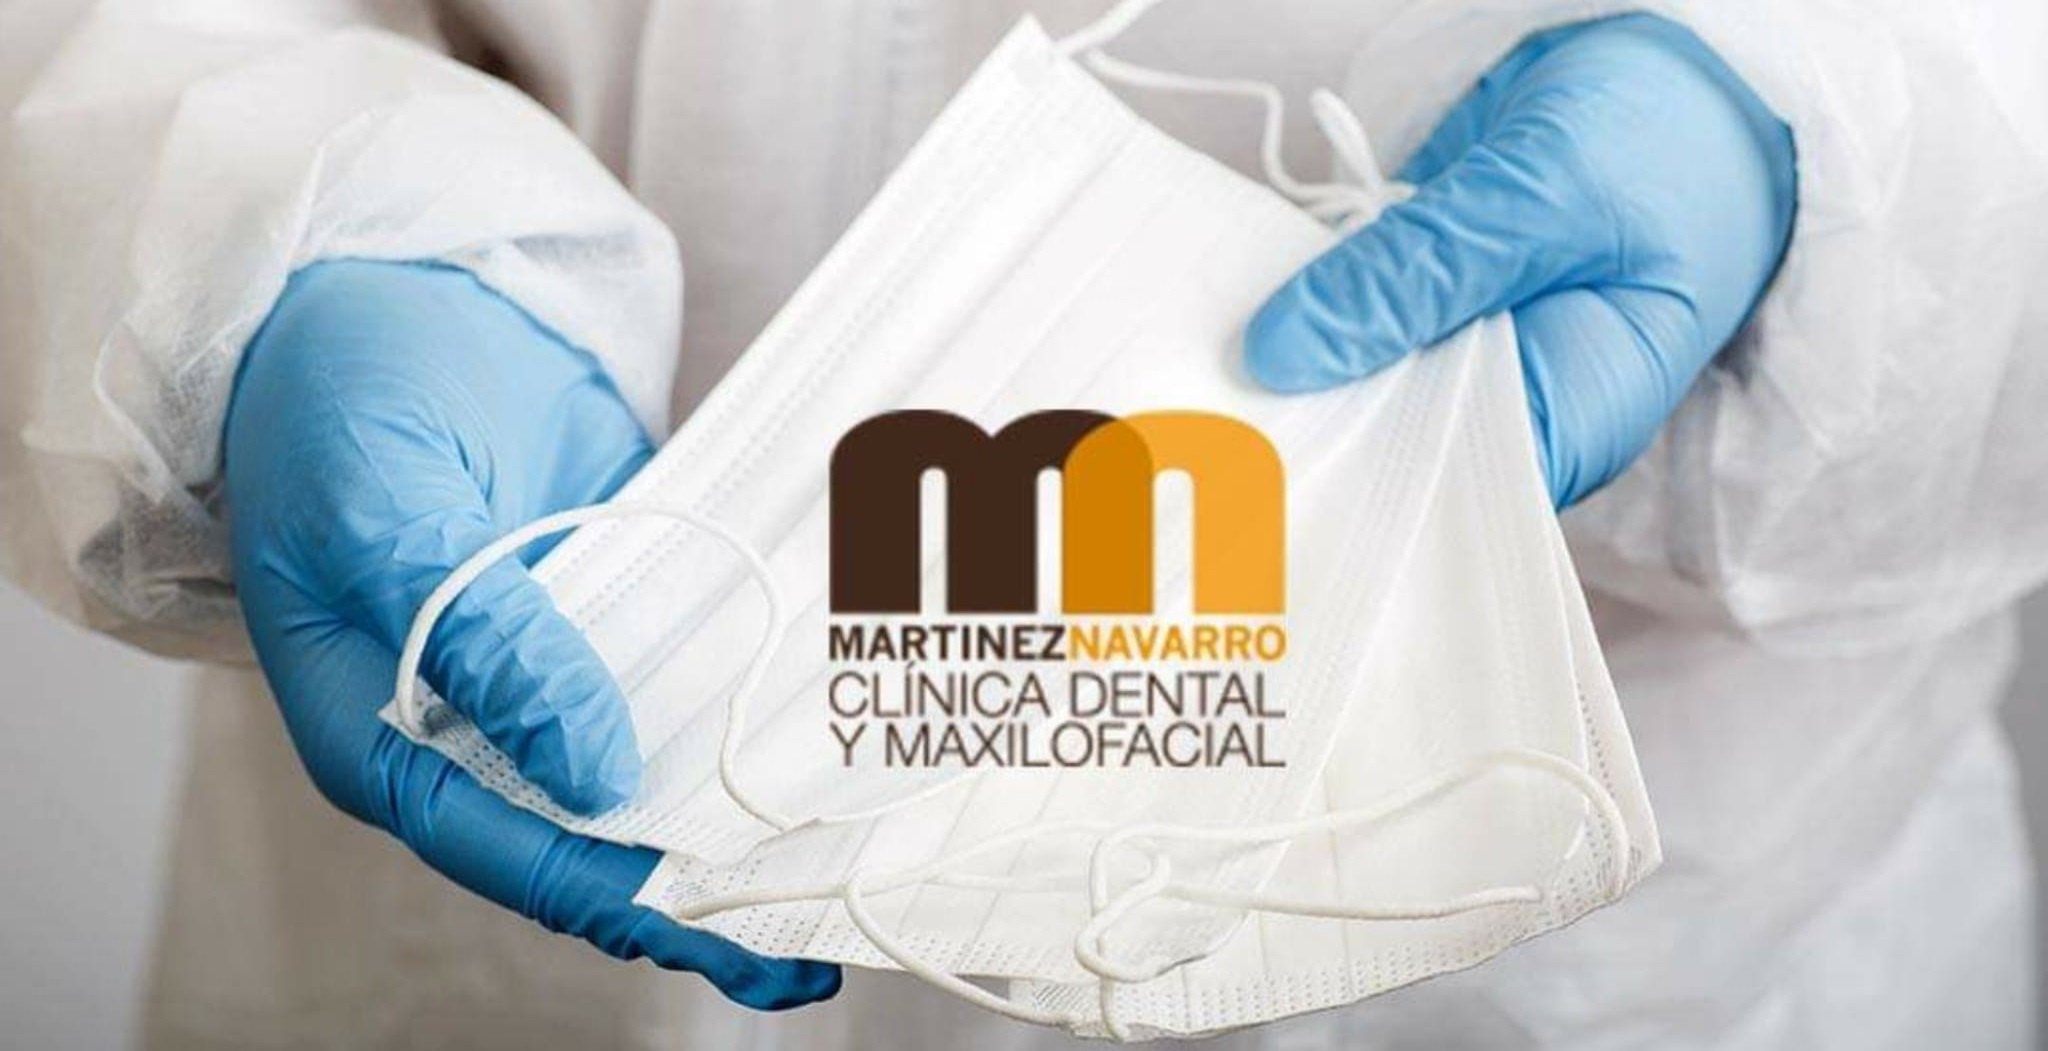 Clínicas Martínez Navarro: Comprometidos con tu seguridad